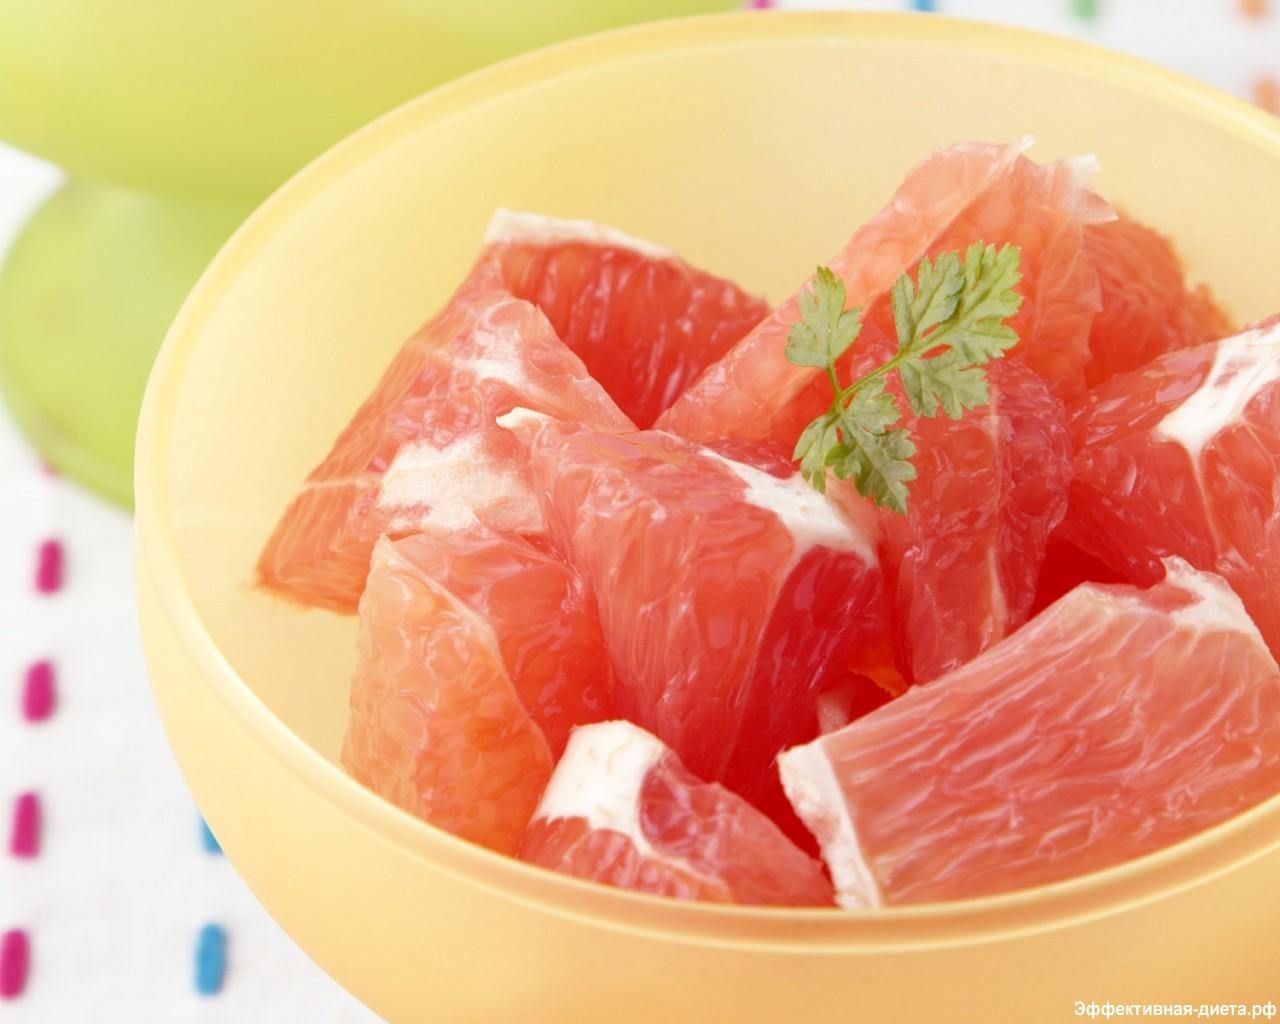 Недельная грейпфрутовая диета